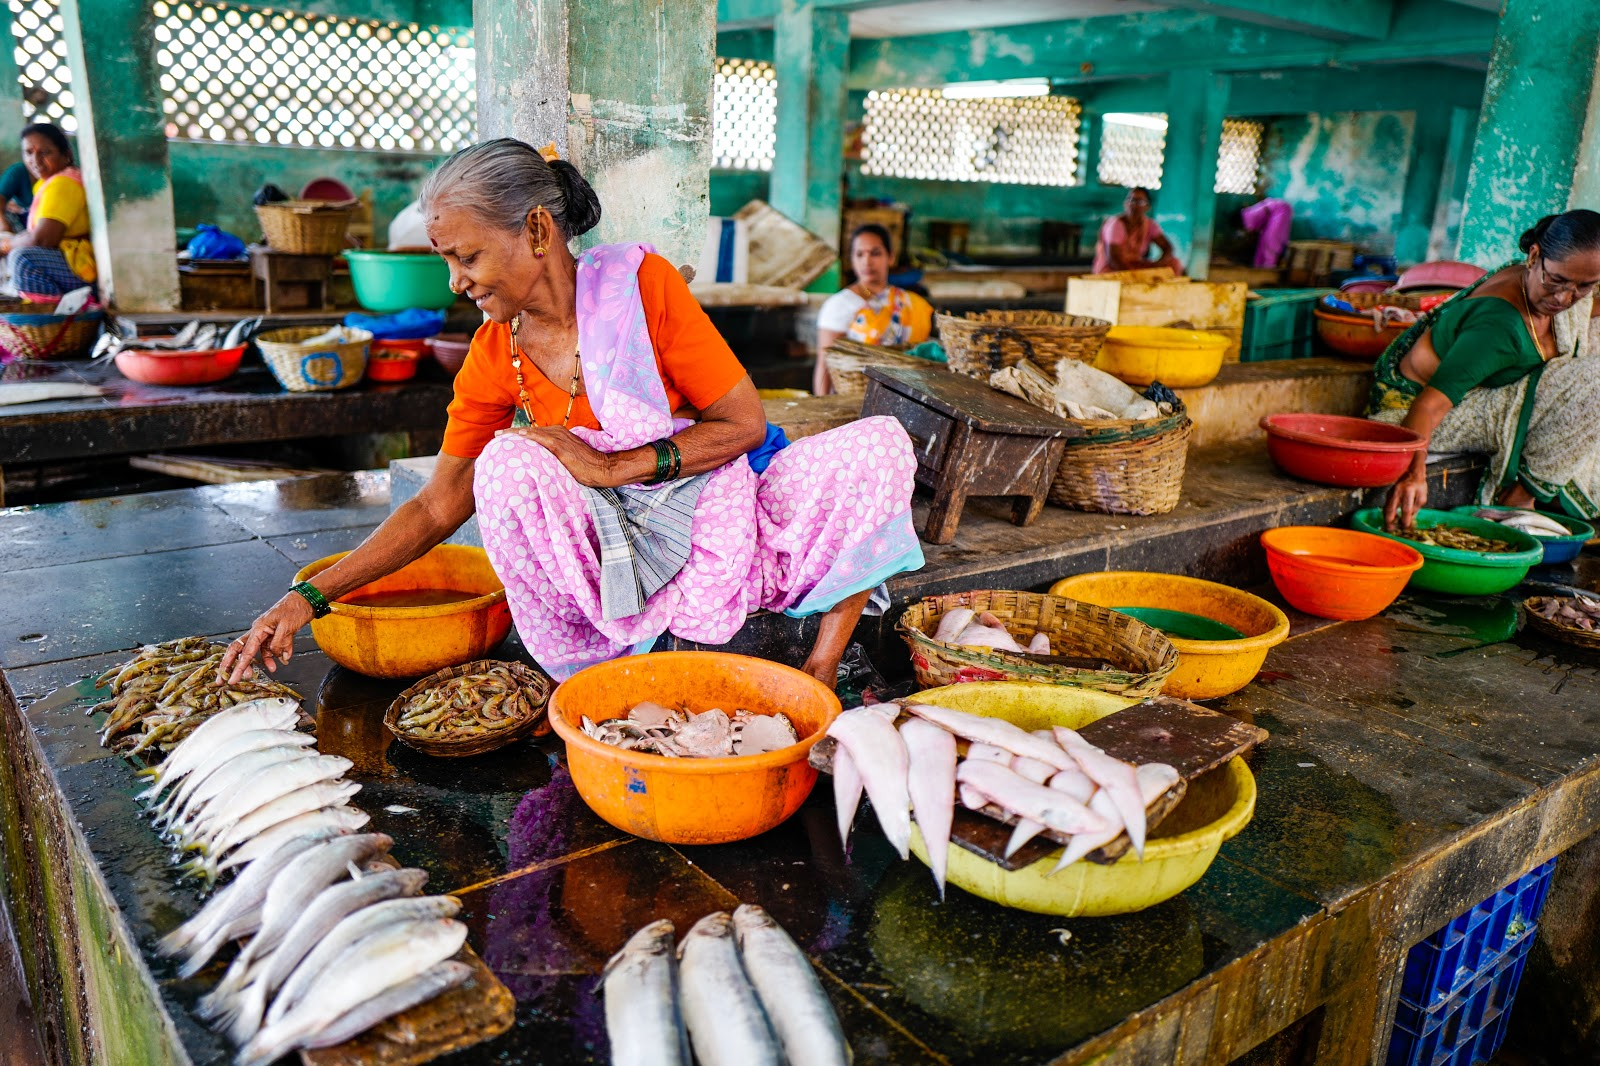 到印度旅遊衣著打扮要保守